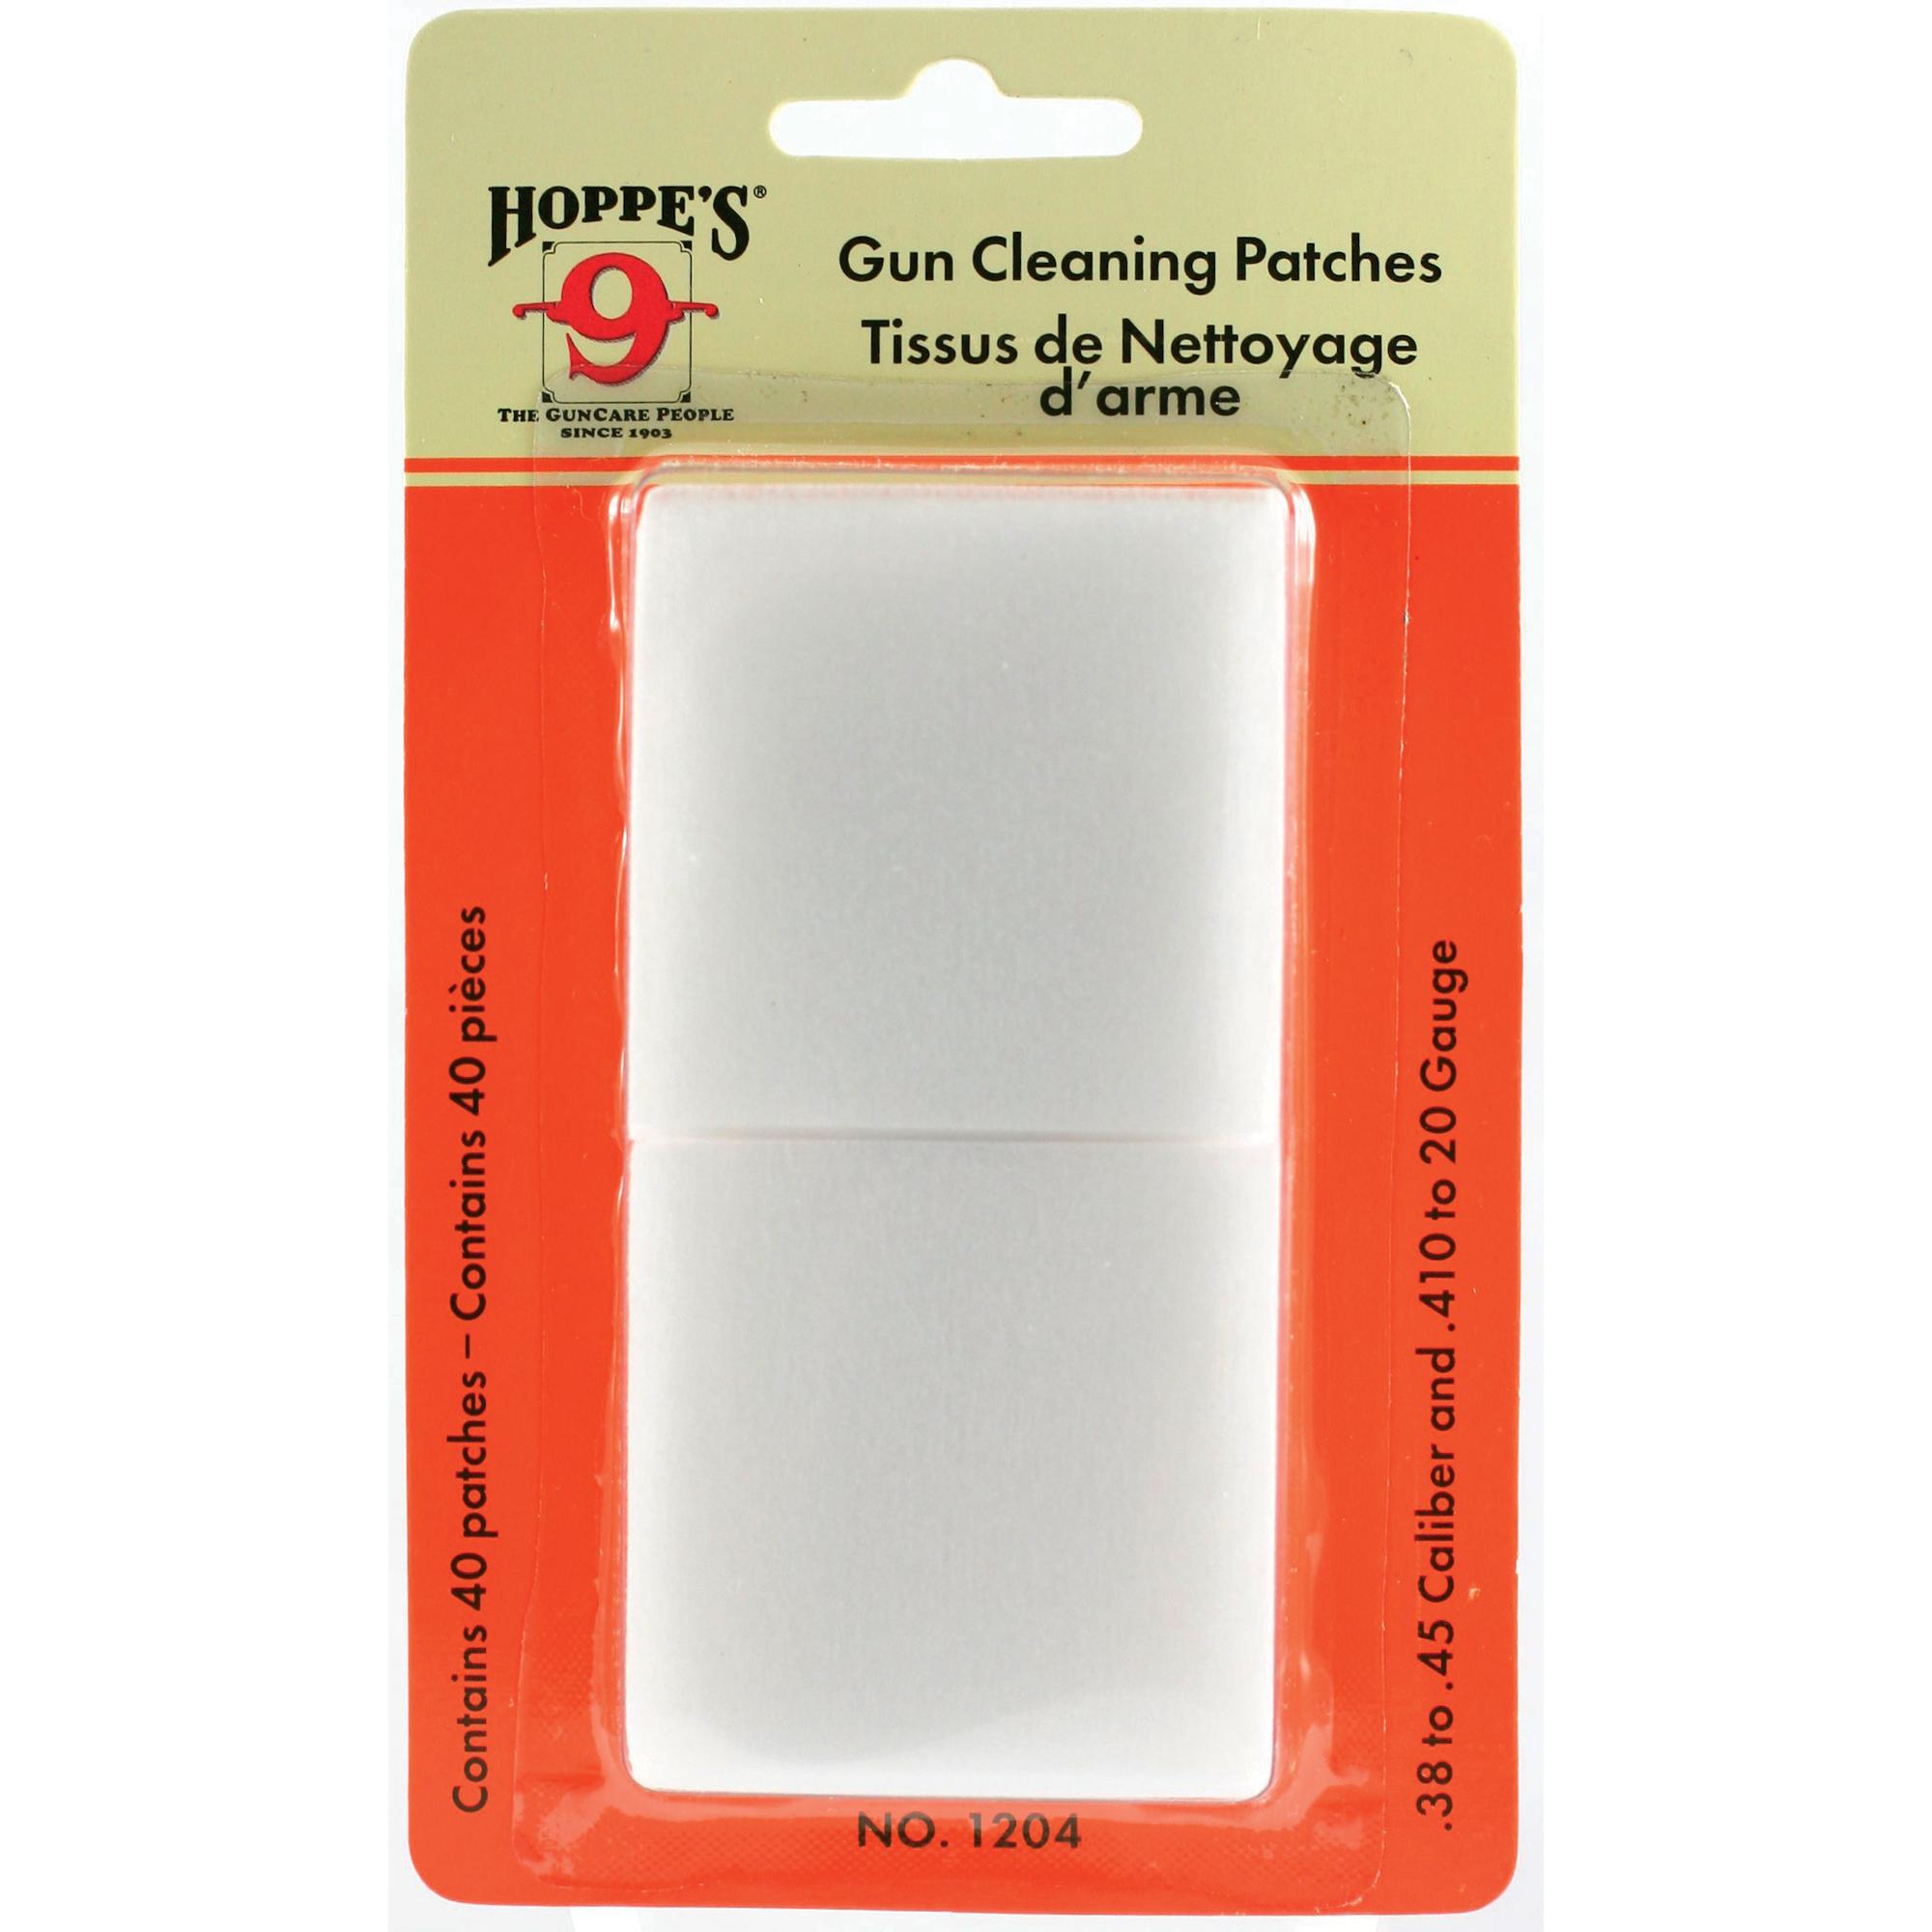 Hoppes Clng Patch 38-45 40/bag